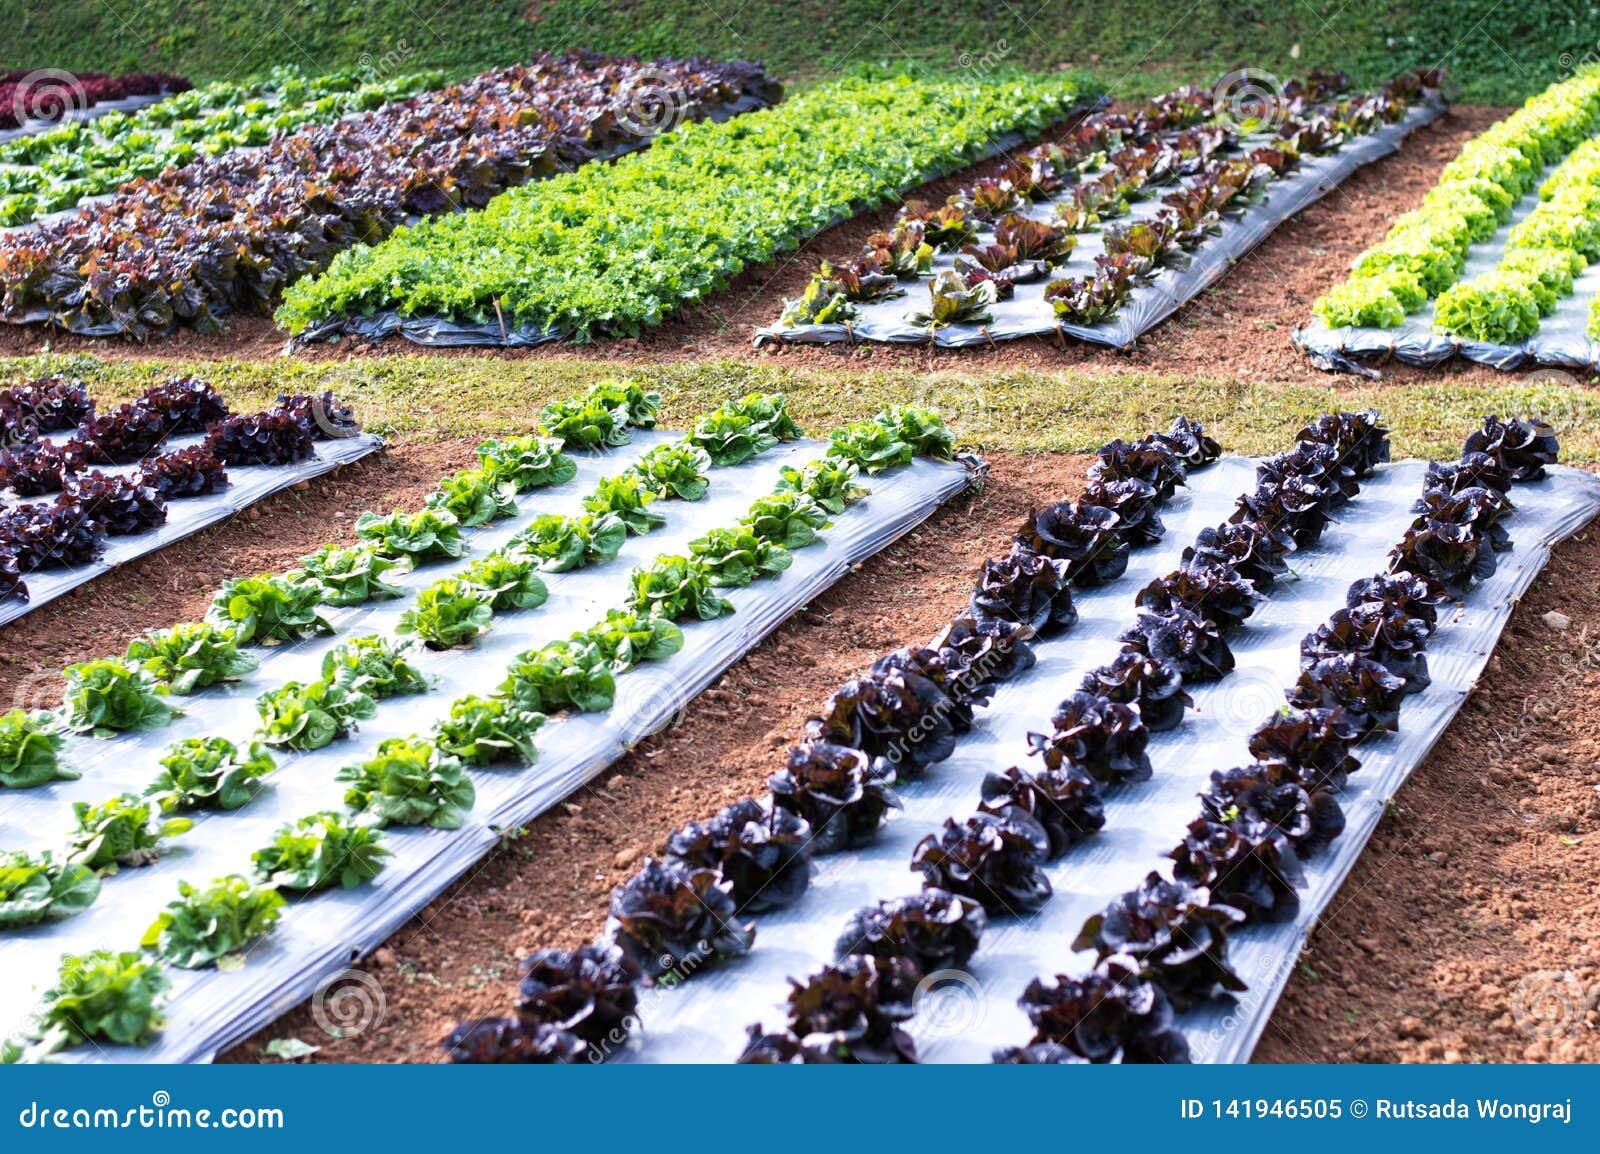 Percelen van groenten, groene salades en rode salades